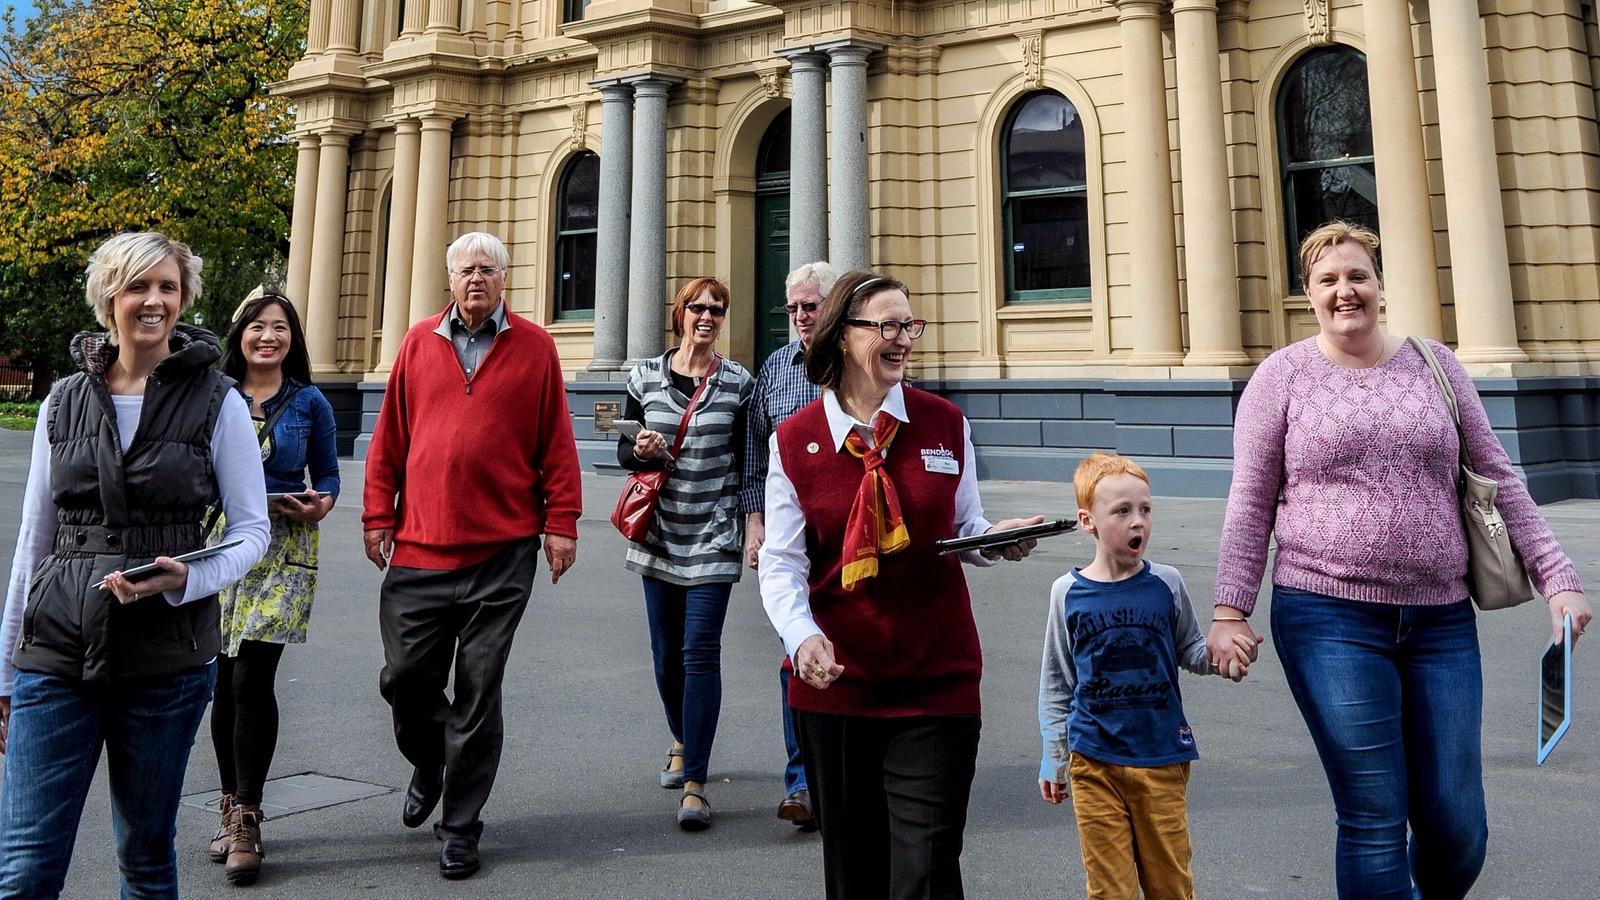 Bendigo Town Hall Tours